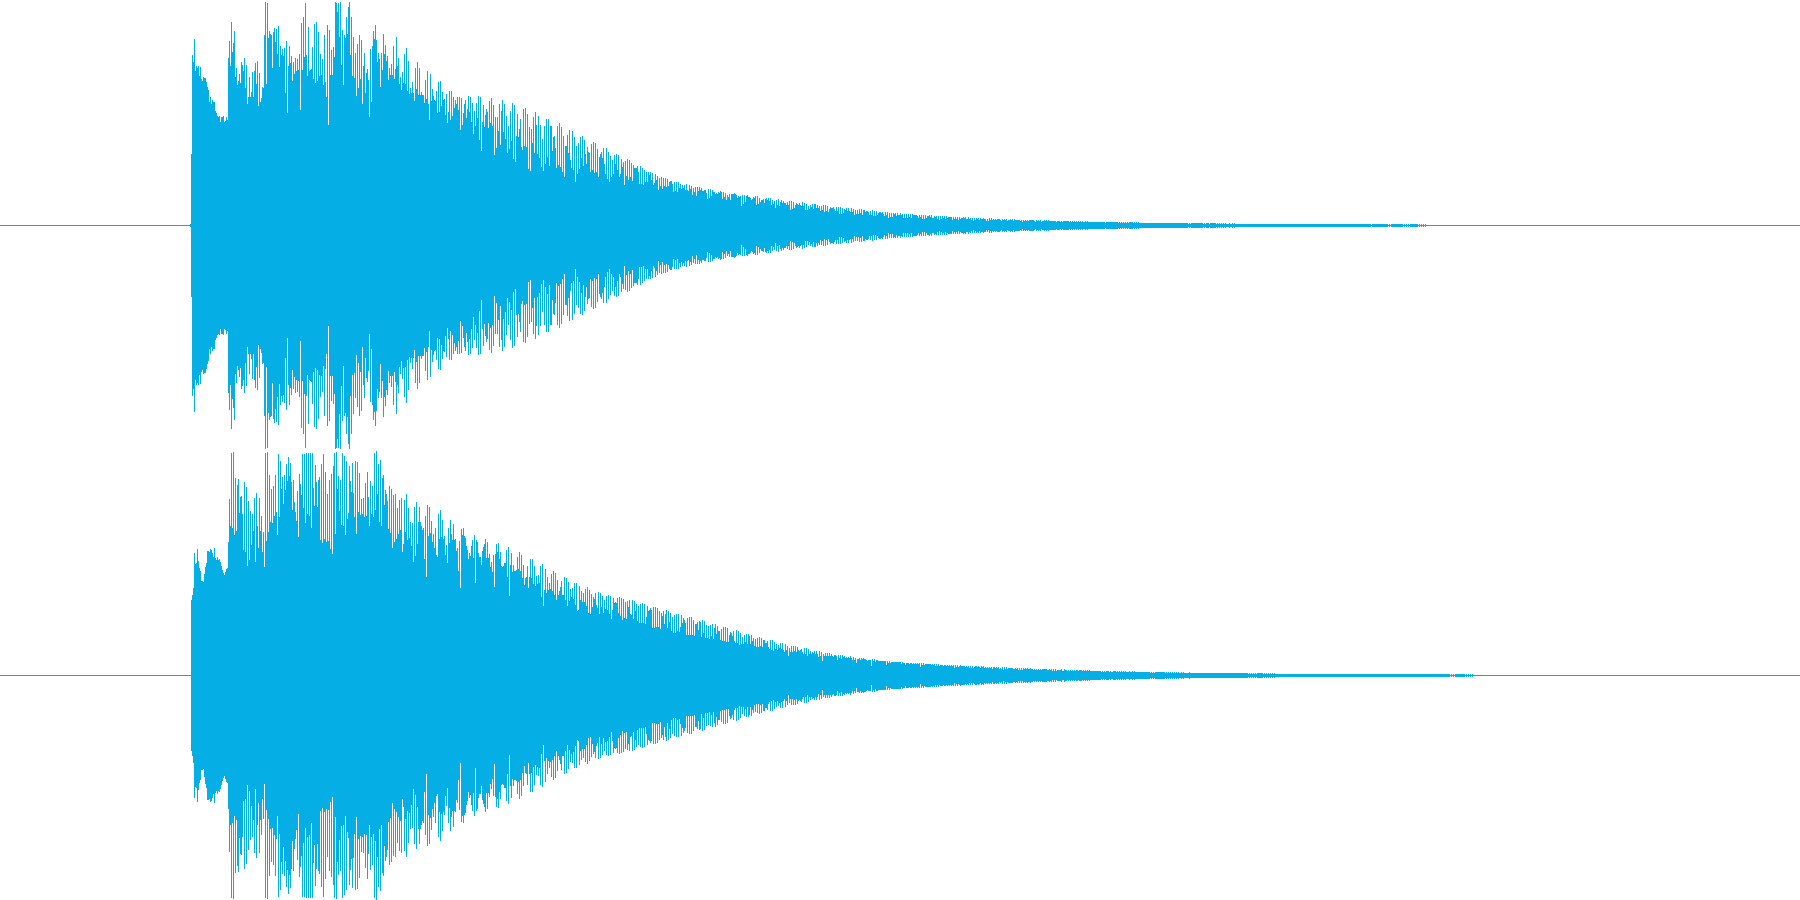 ピンポンピンポンピンポーン!!の再生済みの波形